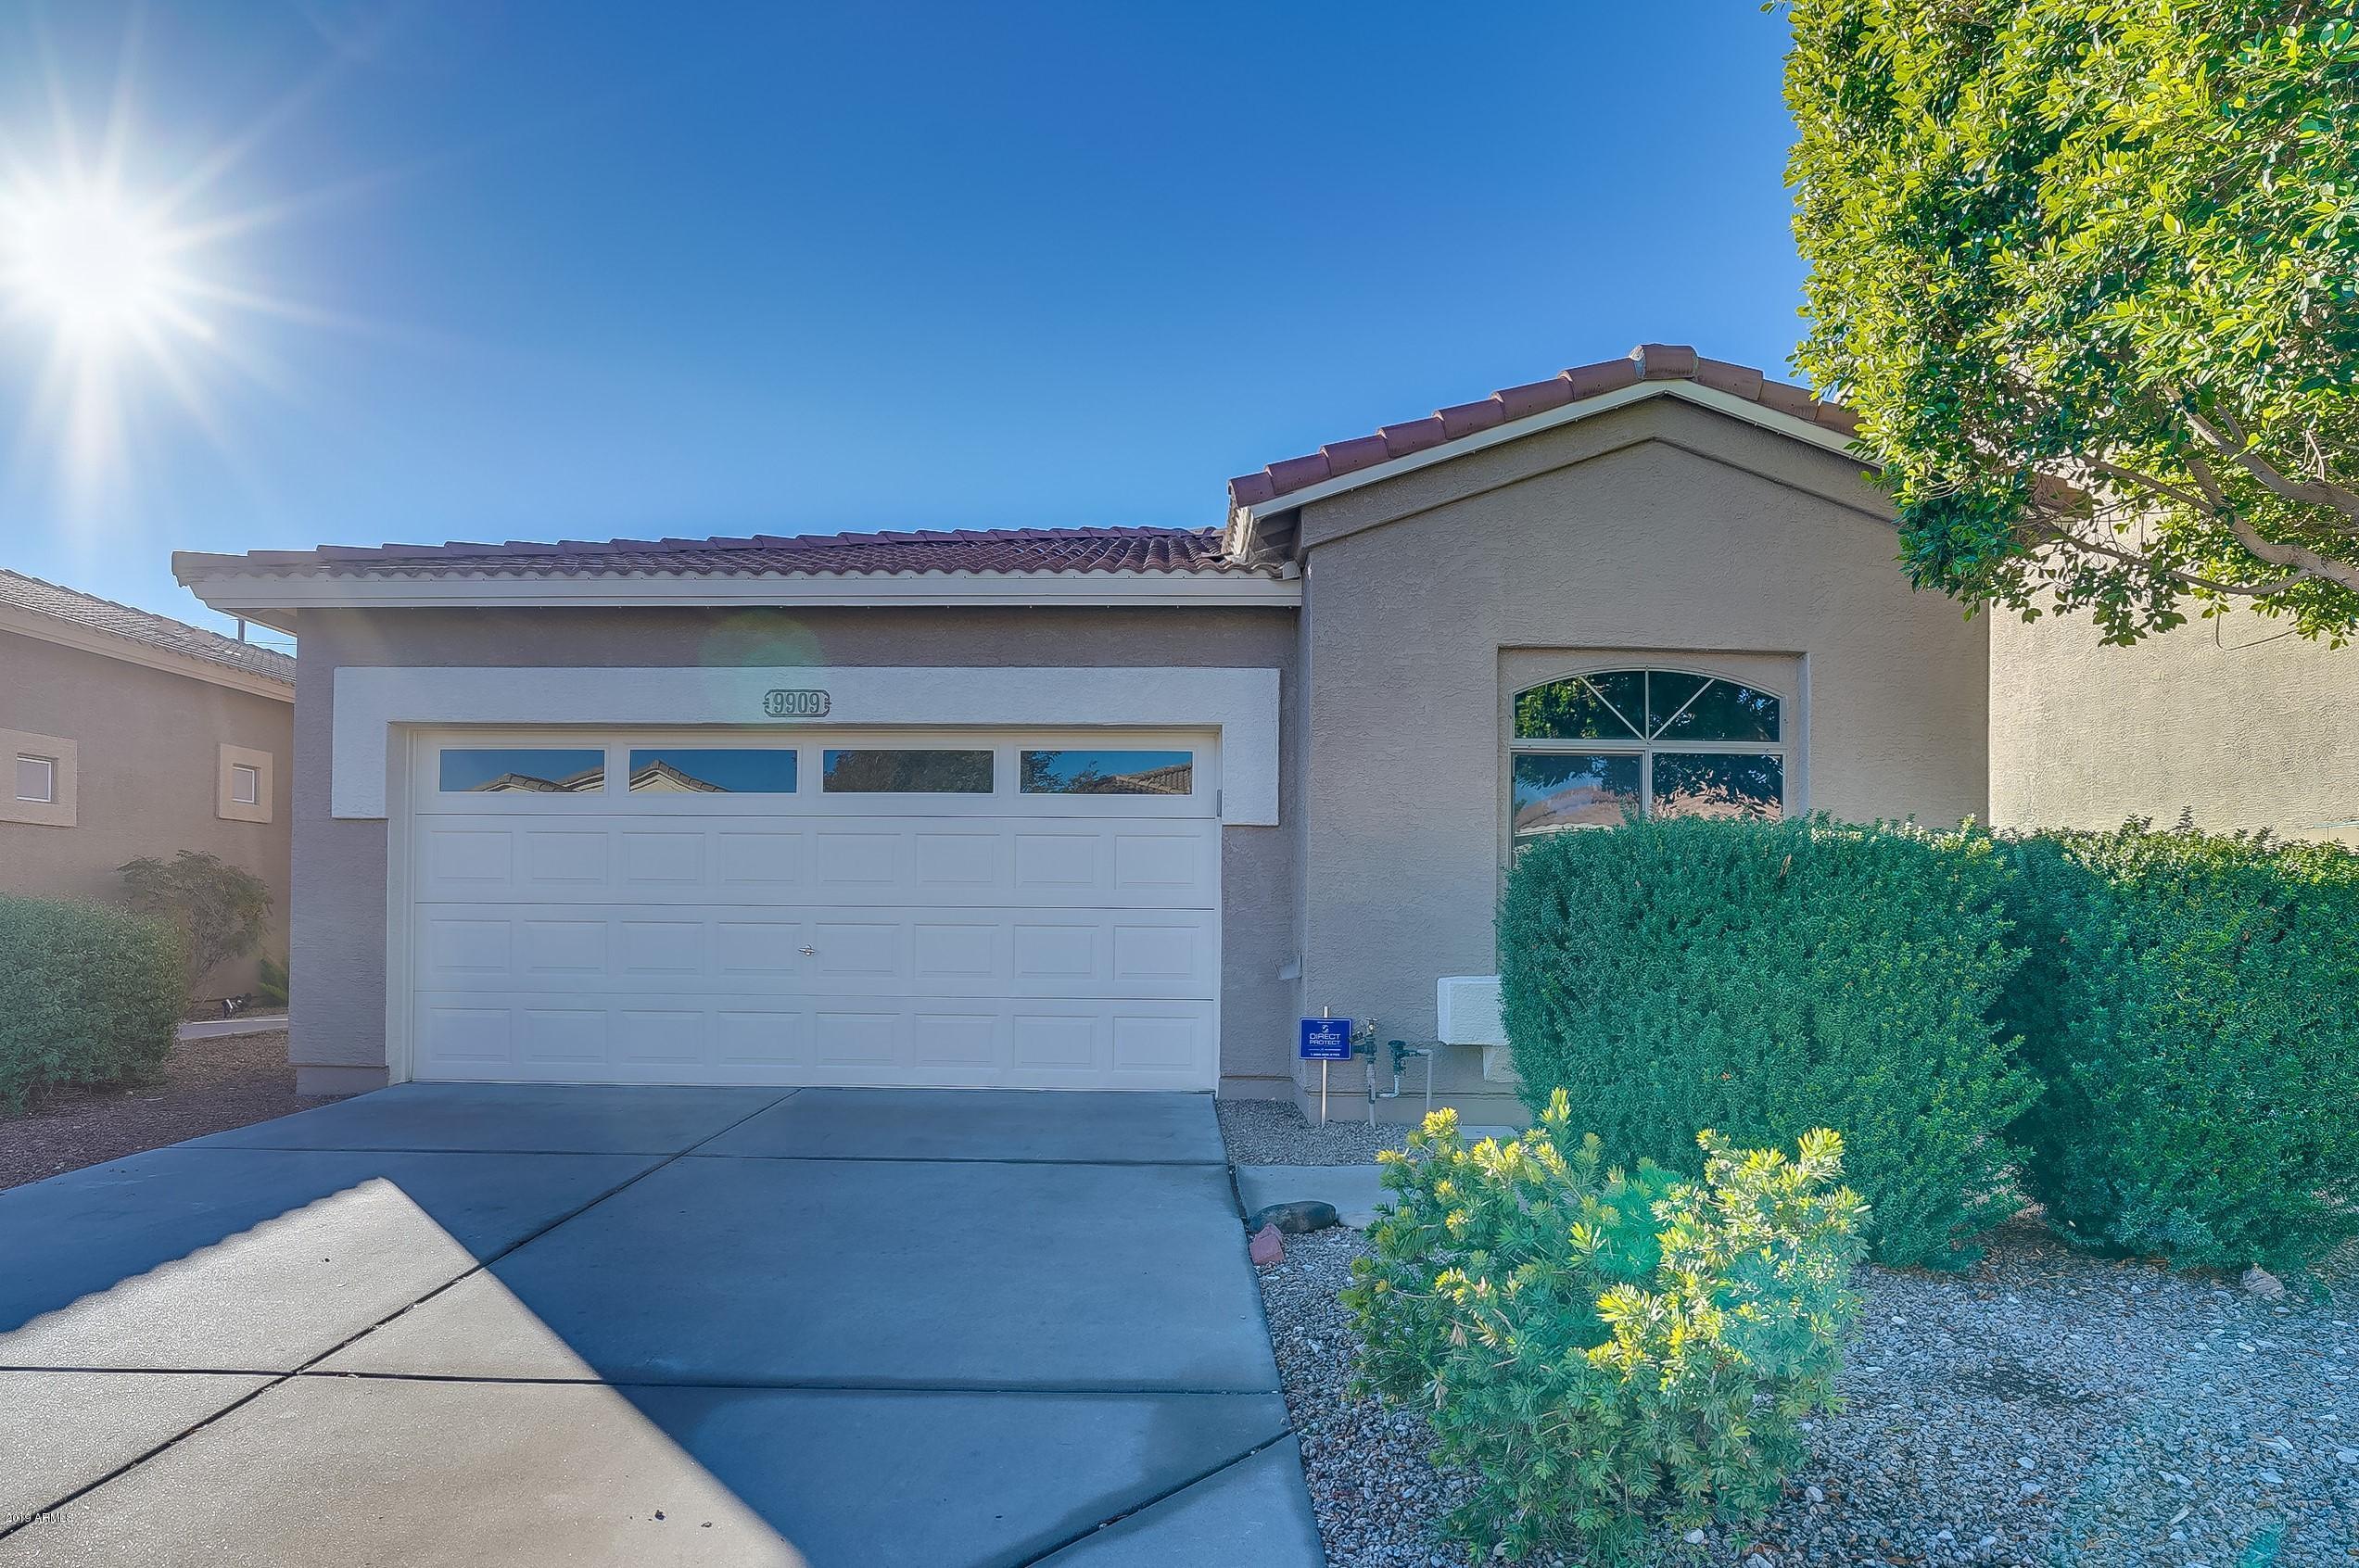 Photo of 9909 E FLOSSMOOR Avenue, Mesa, AZ 85208